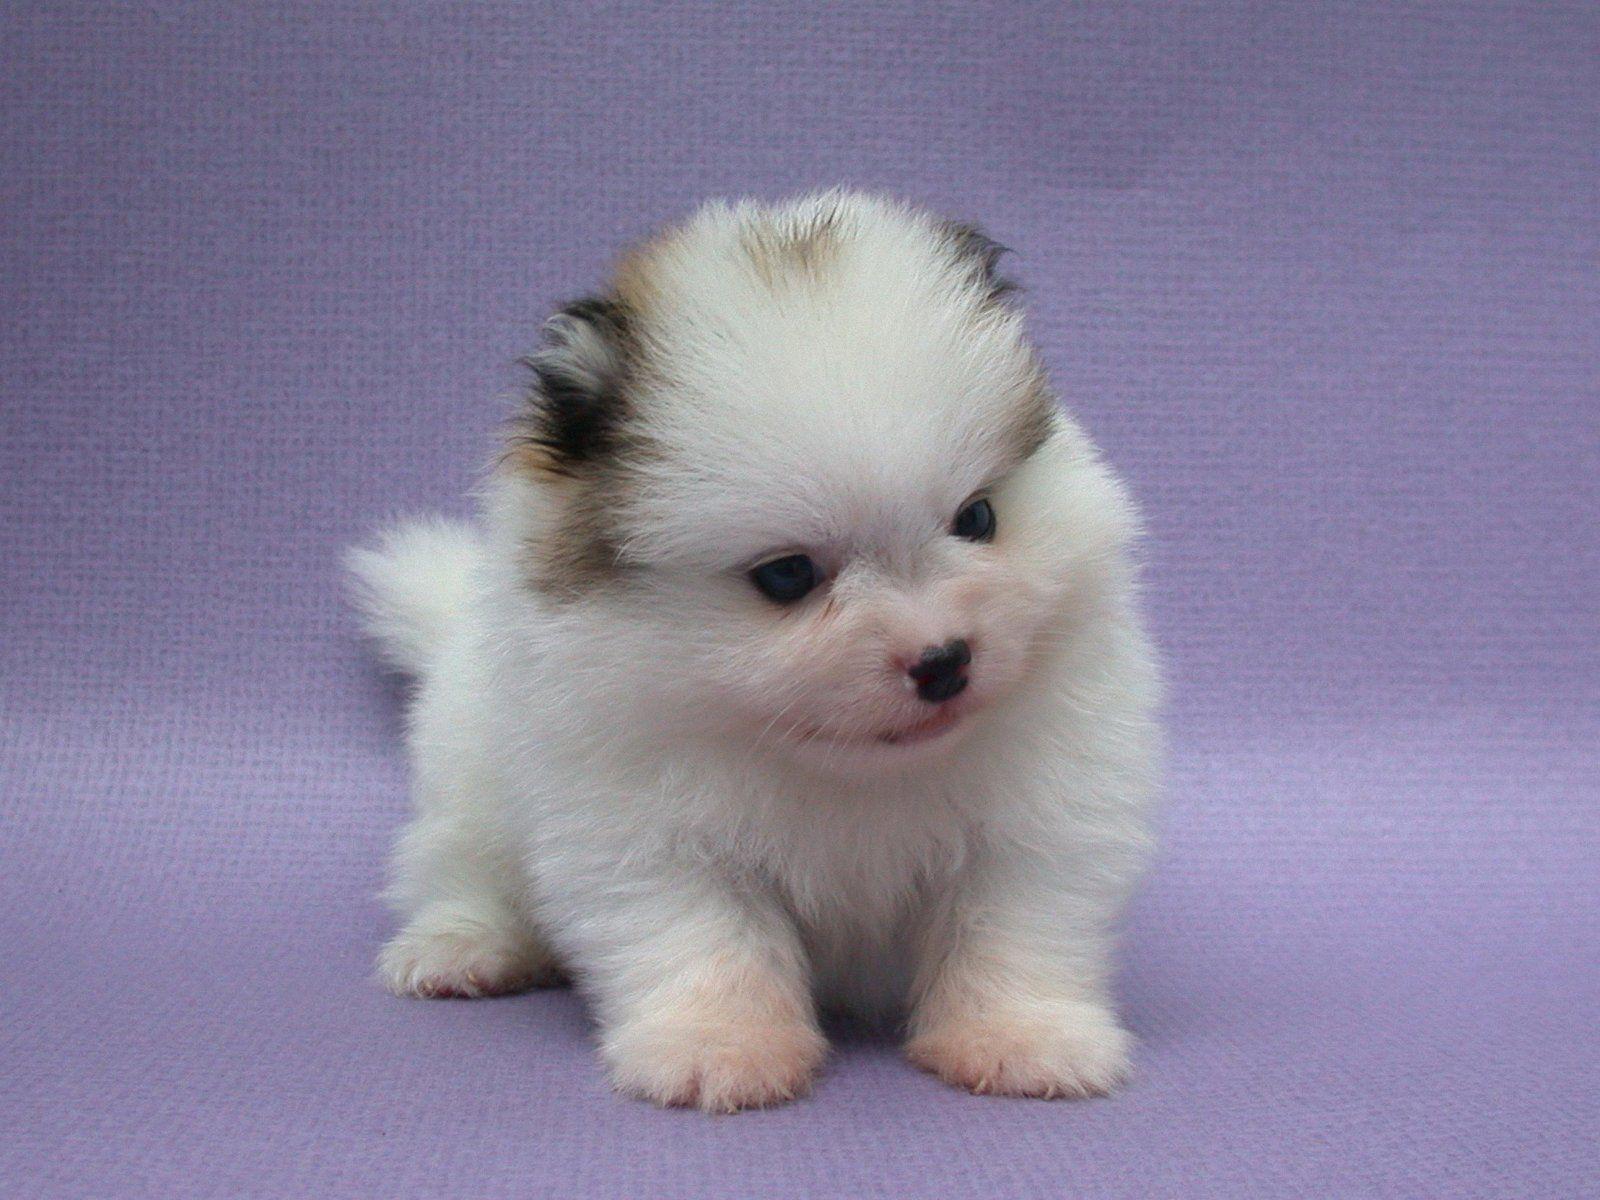 Pin by Pomeranian Cute on Pomeranian Cute Baby | Pinterest